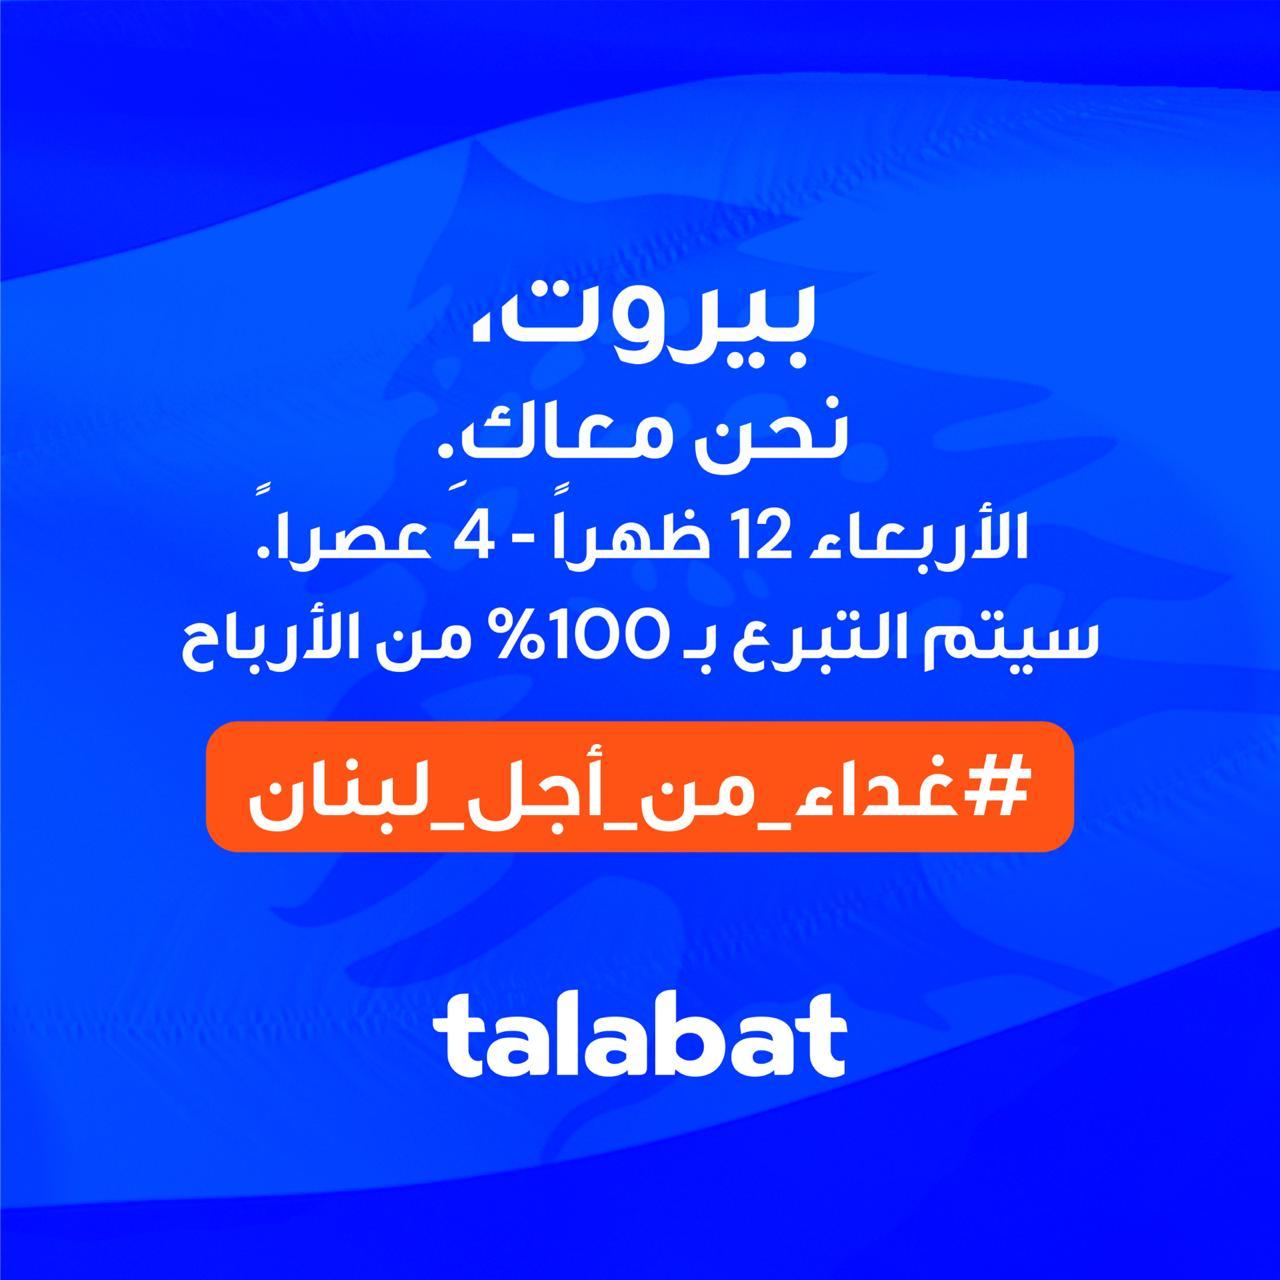 طلبات تُطلِق مُبادرة غداء من أجل لبنان لمُسانَدة أشِقَّائنا في بيروت